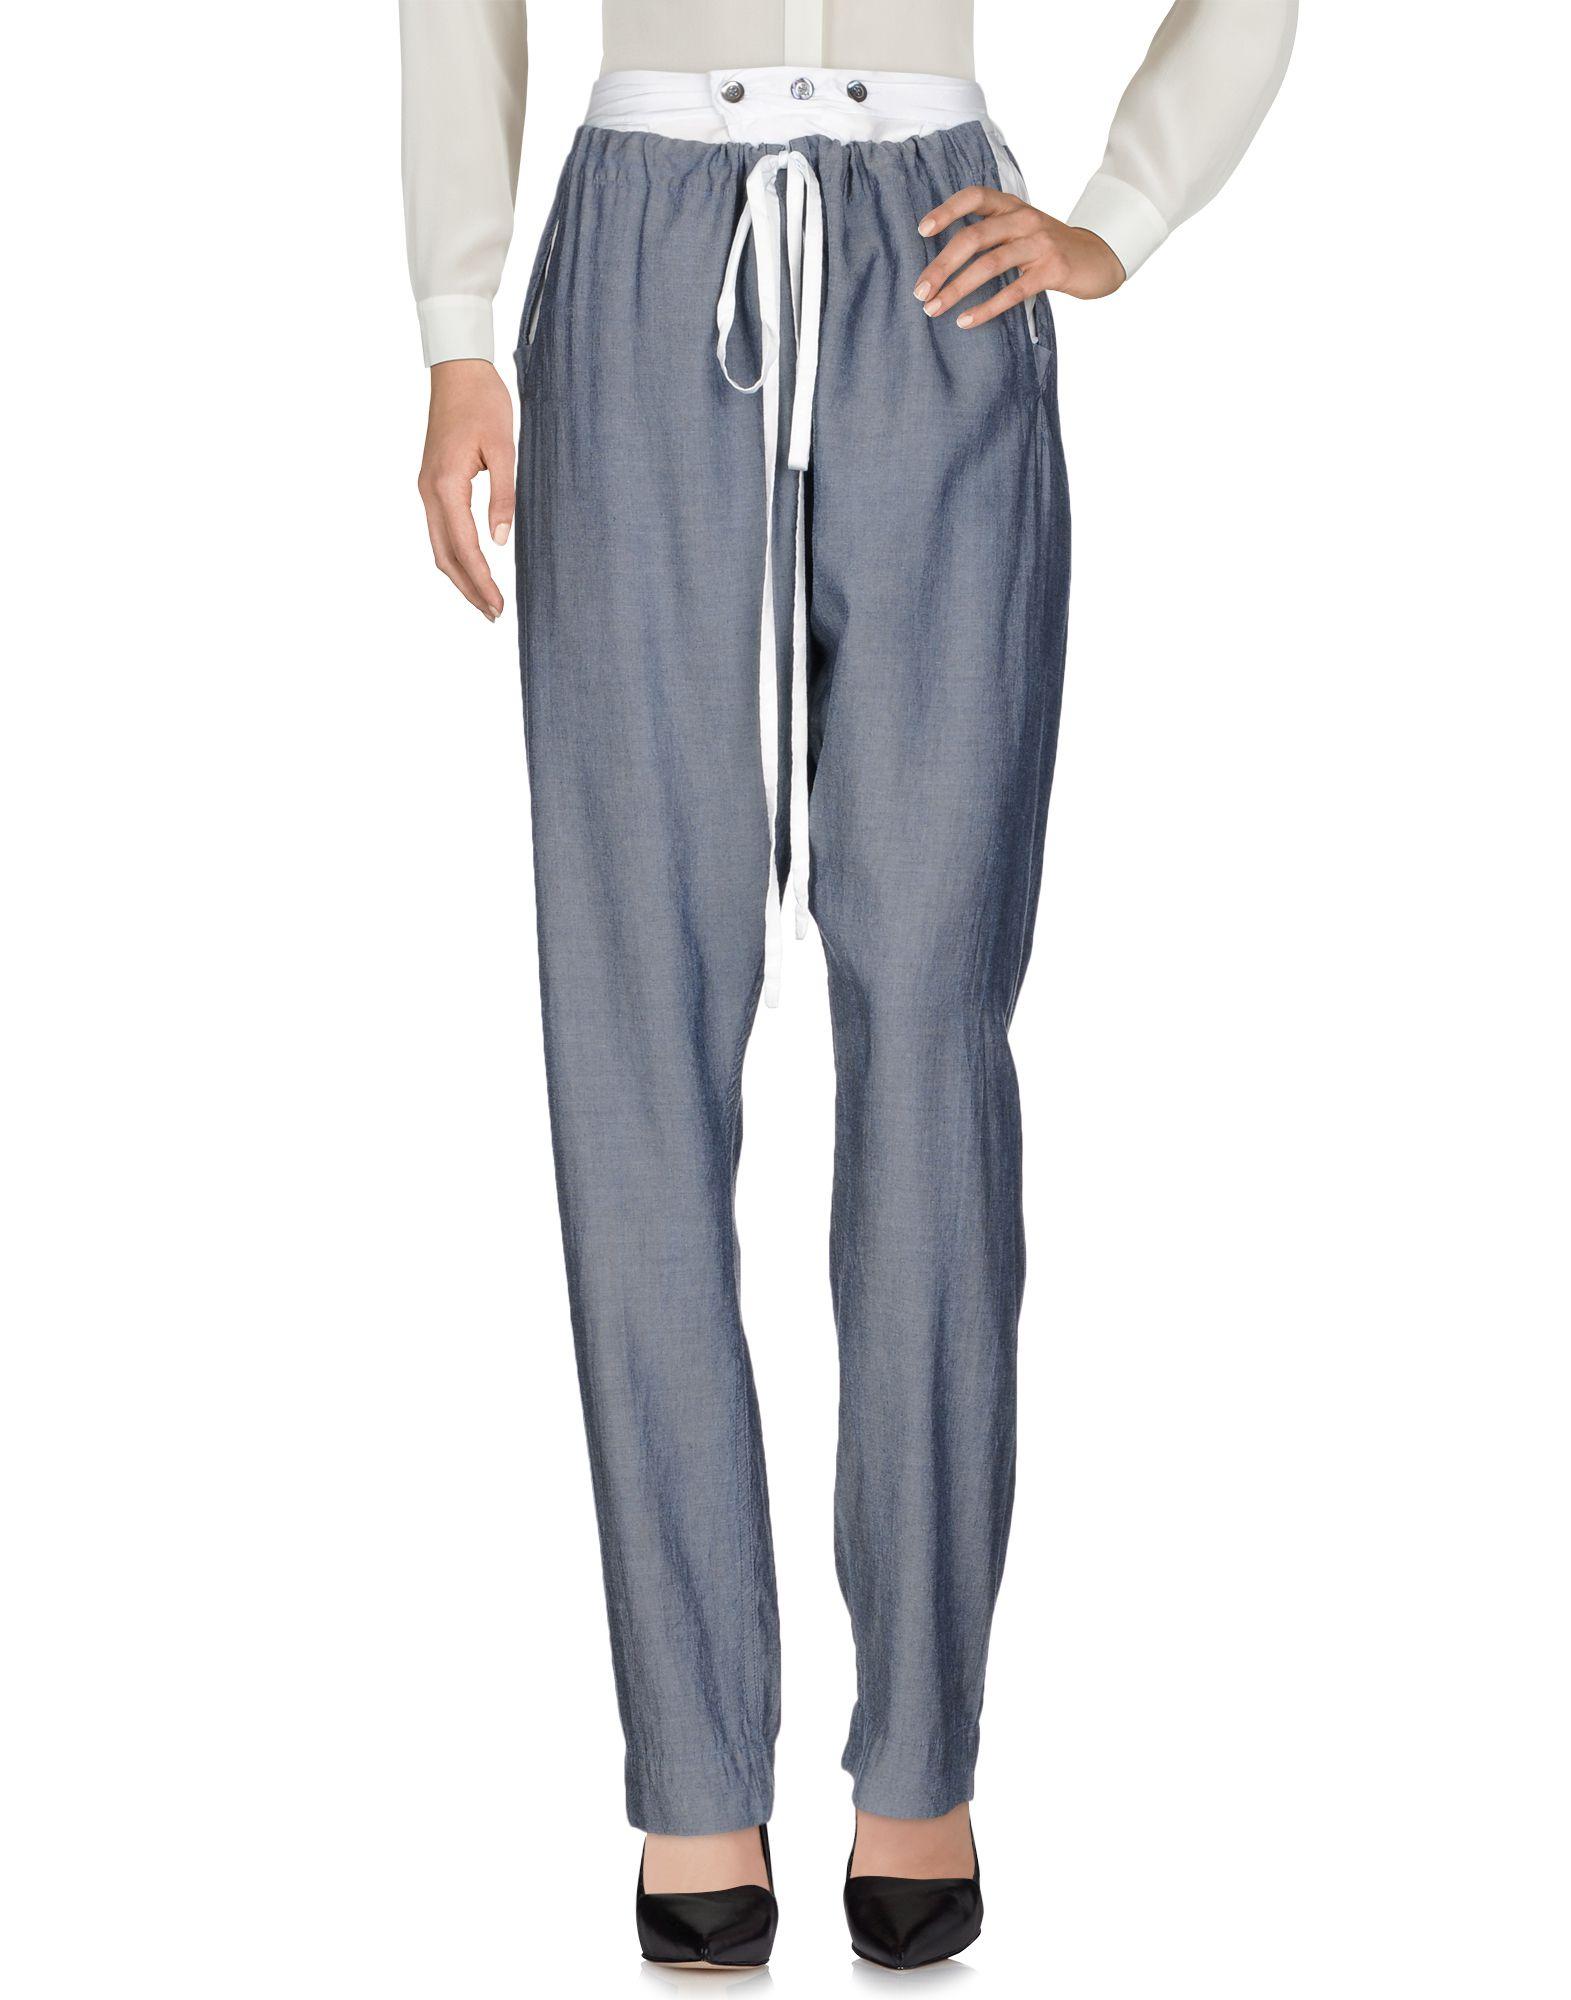 《送料無料》ANDREAS KRONTHALER for VIVIENNE WESTWOOD レディース パンツ ブルーグレー I テンセル 100% / レーヨン / シルク